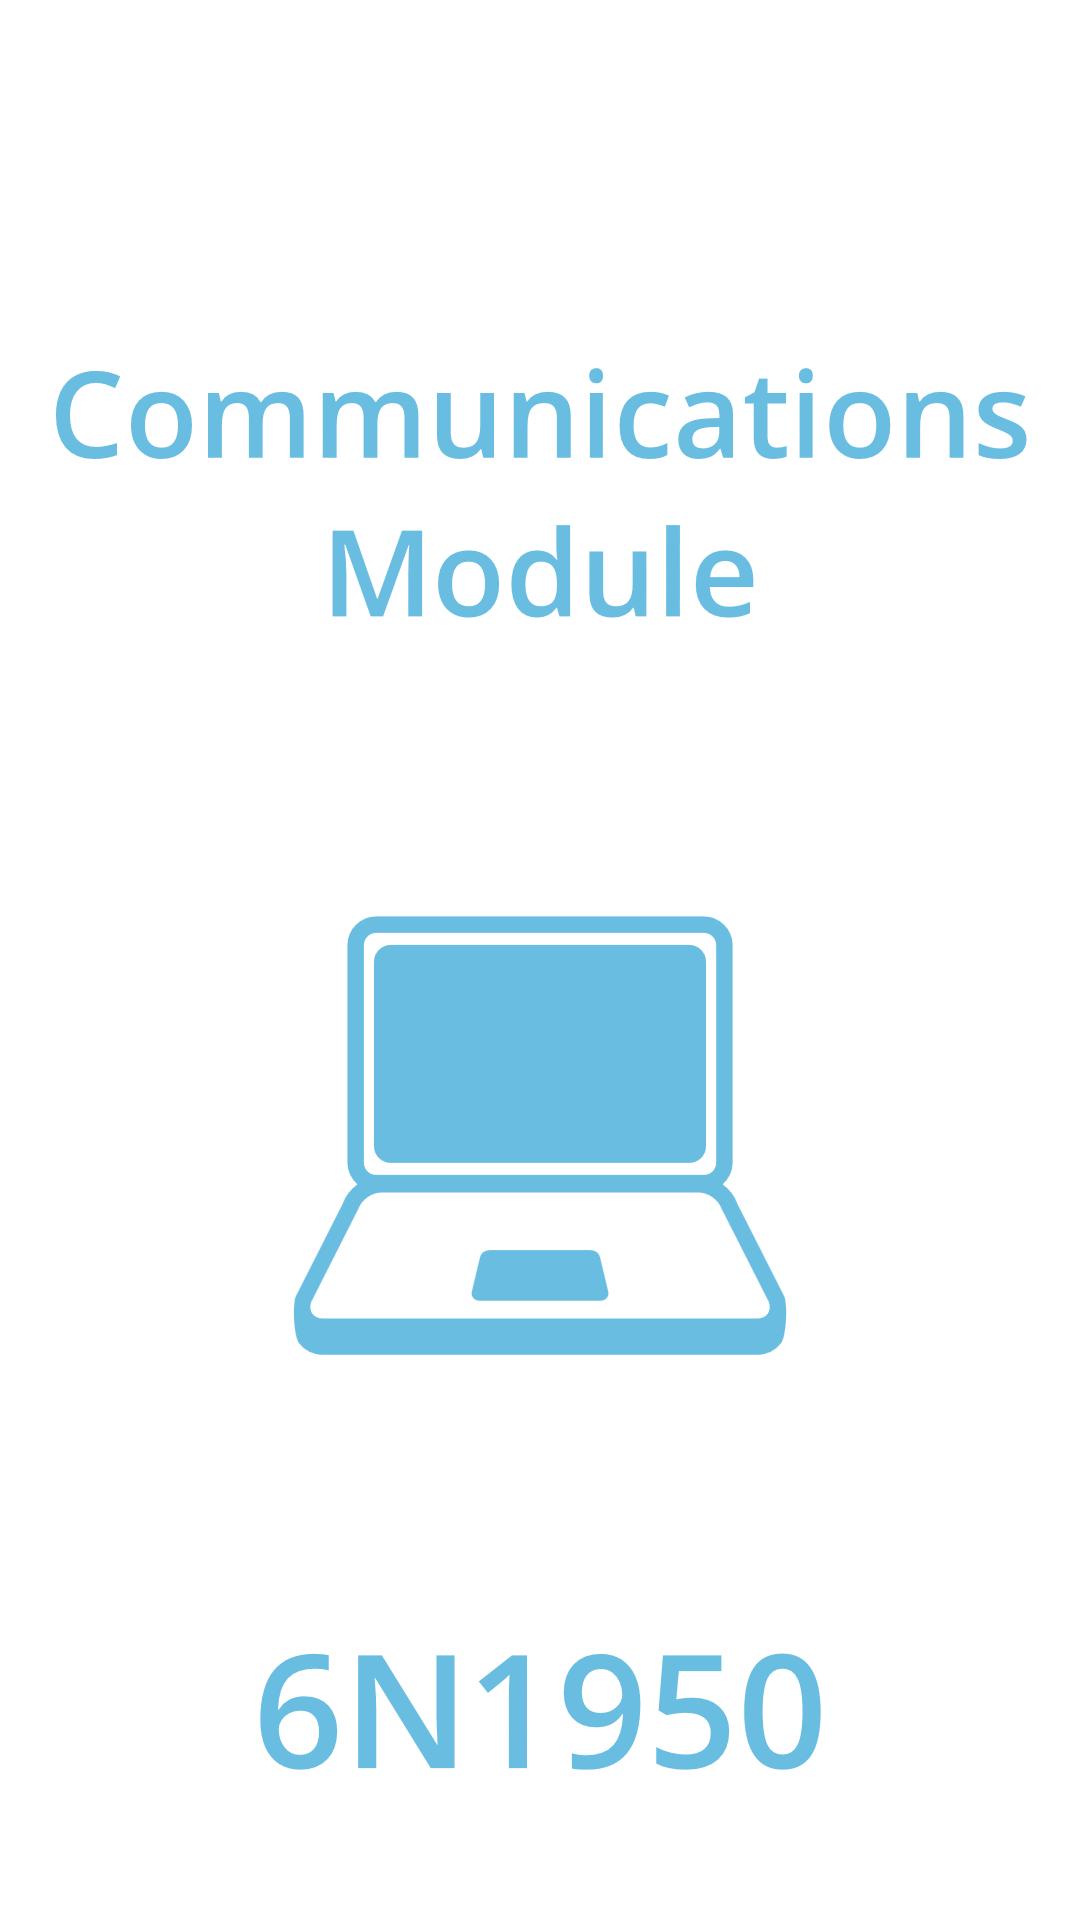 communications module